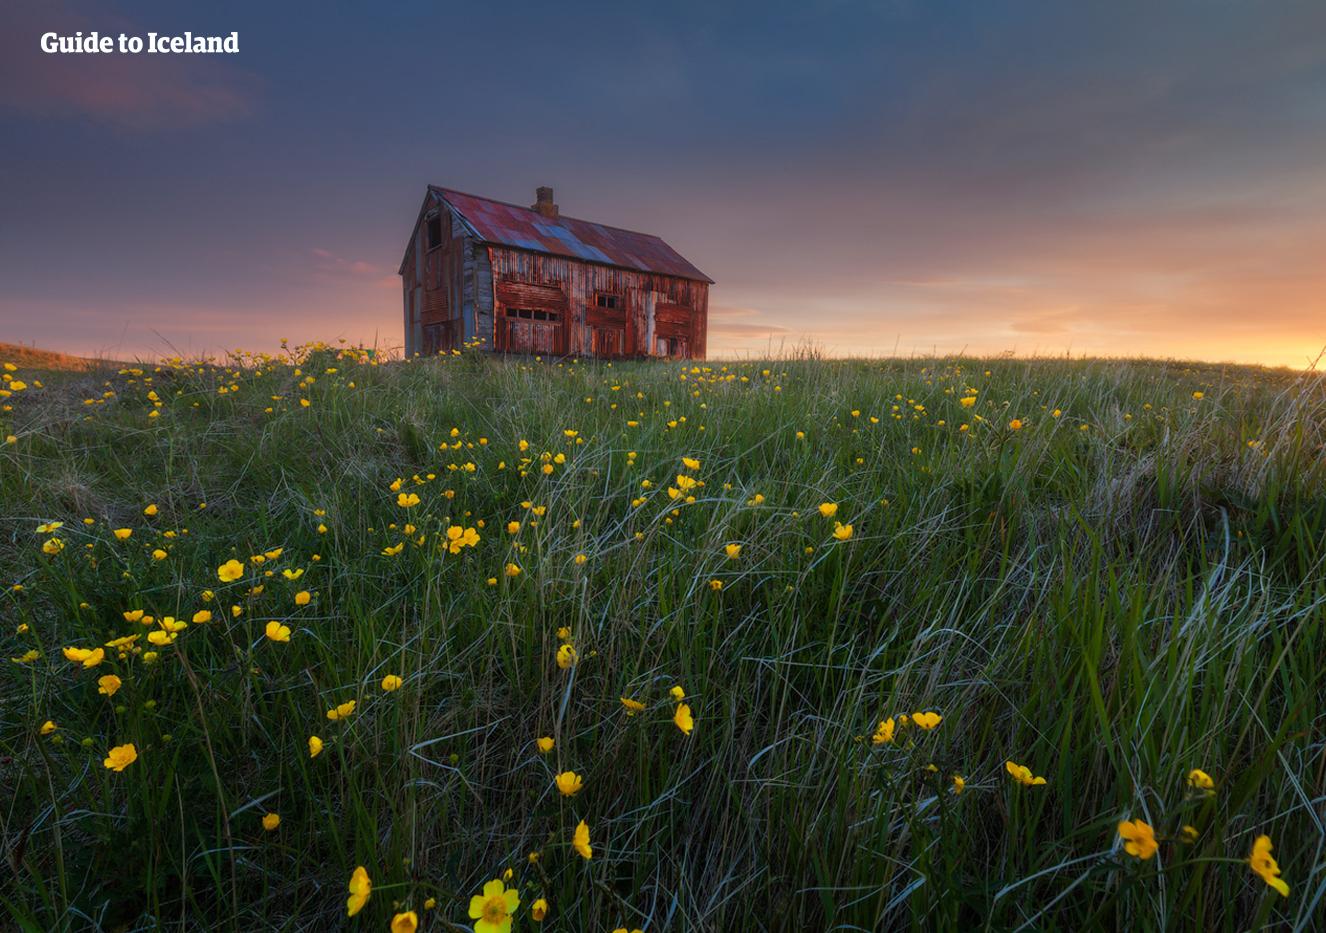 Znajdź najpiękniejsze miejsca na półwyspie Reykjanes podczas tej 6-dniowej wycieczki objazdowej.